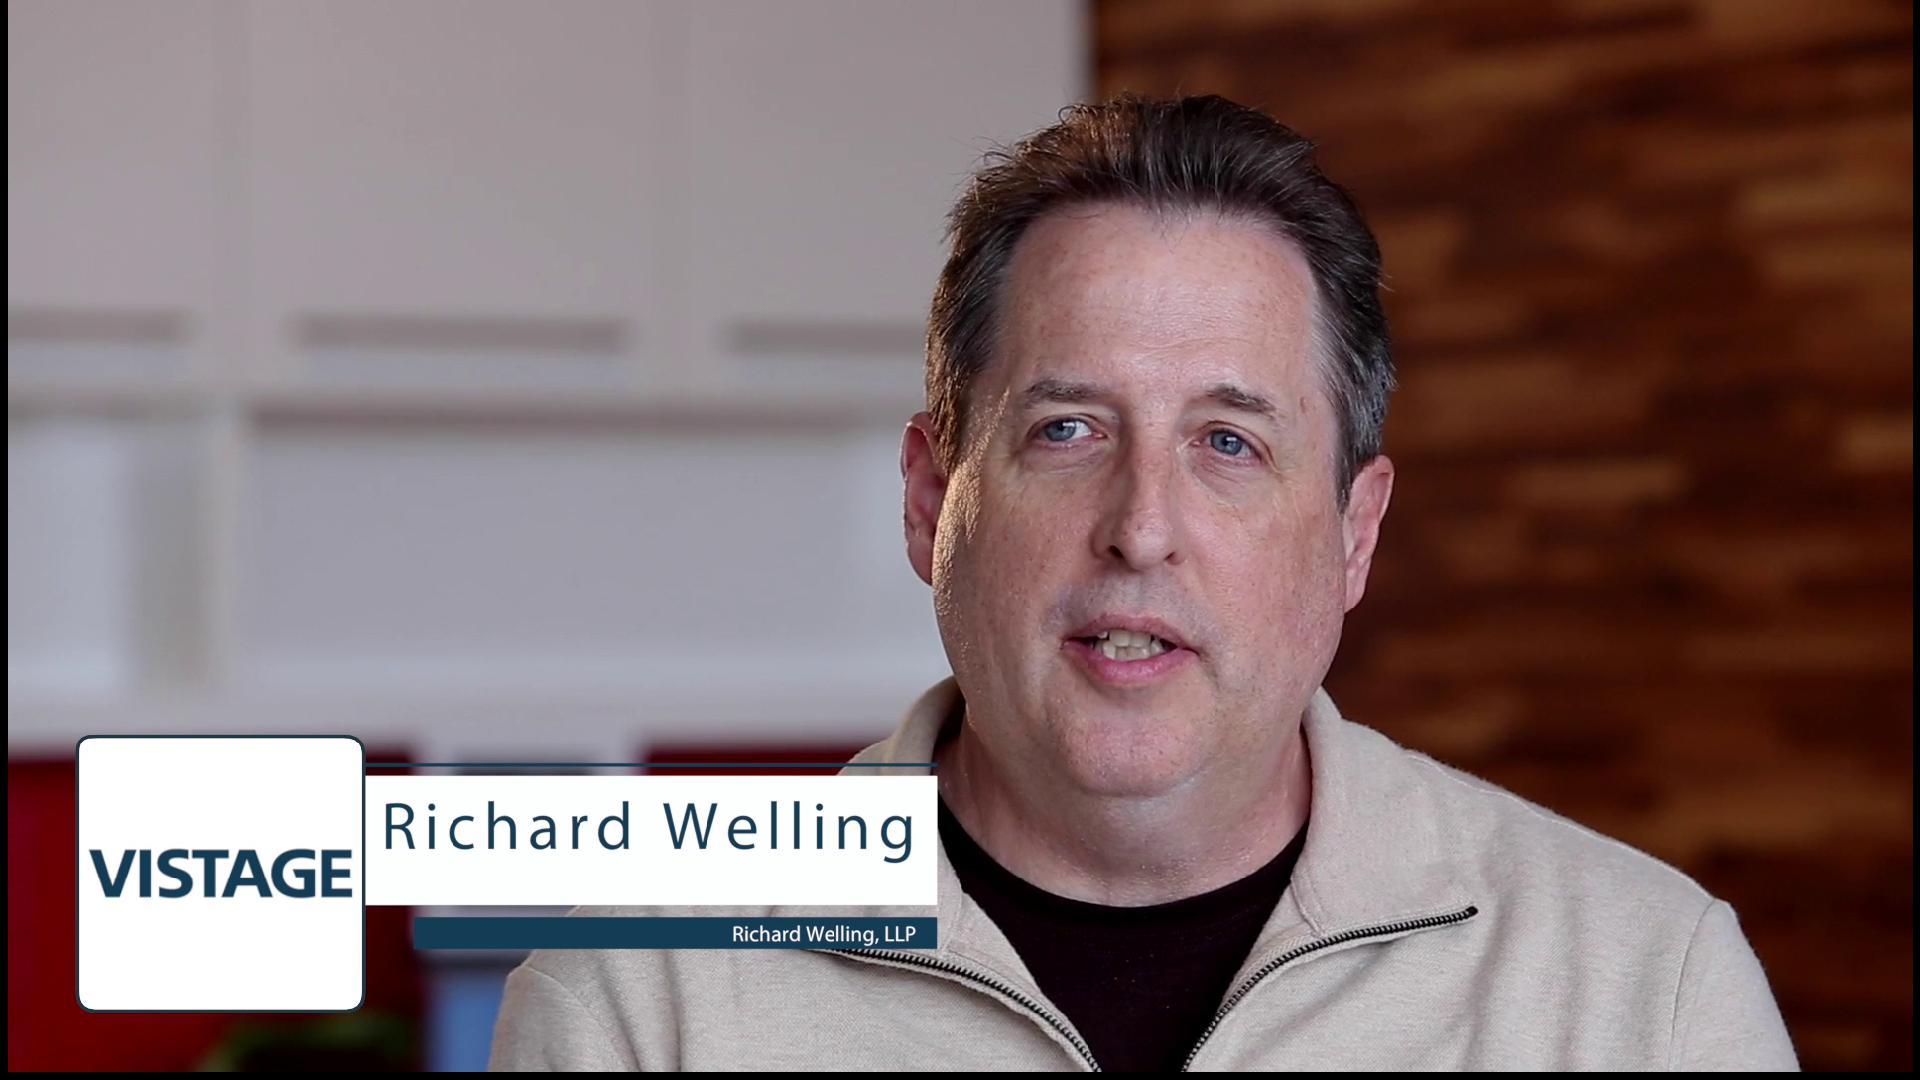 Richard Welling